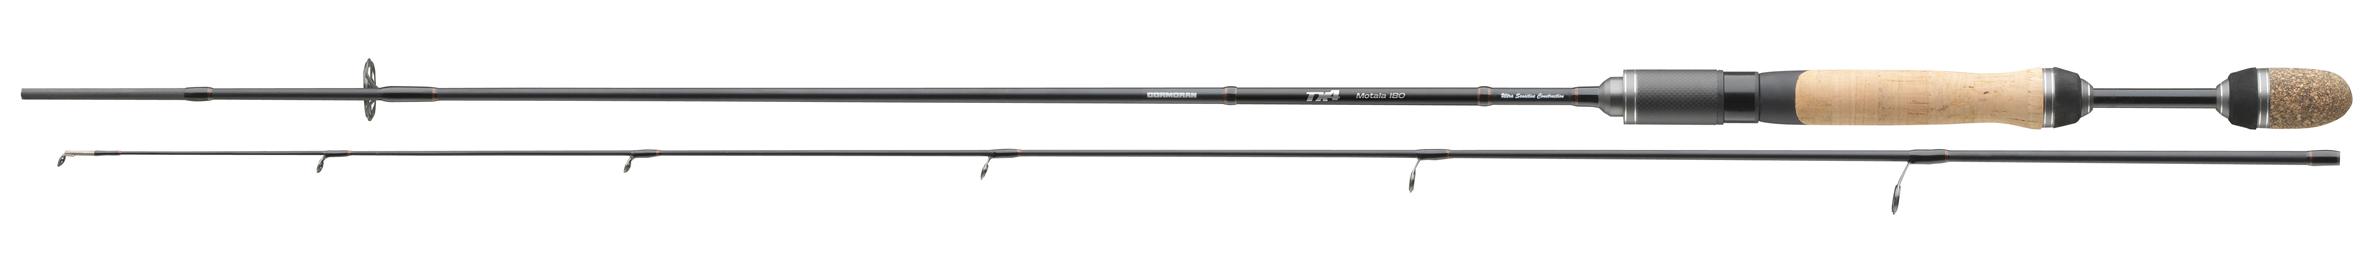 Удилище TX-4 MOTALA (Cormoran), 1.80м, 1-9г